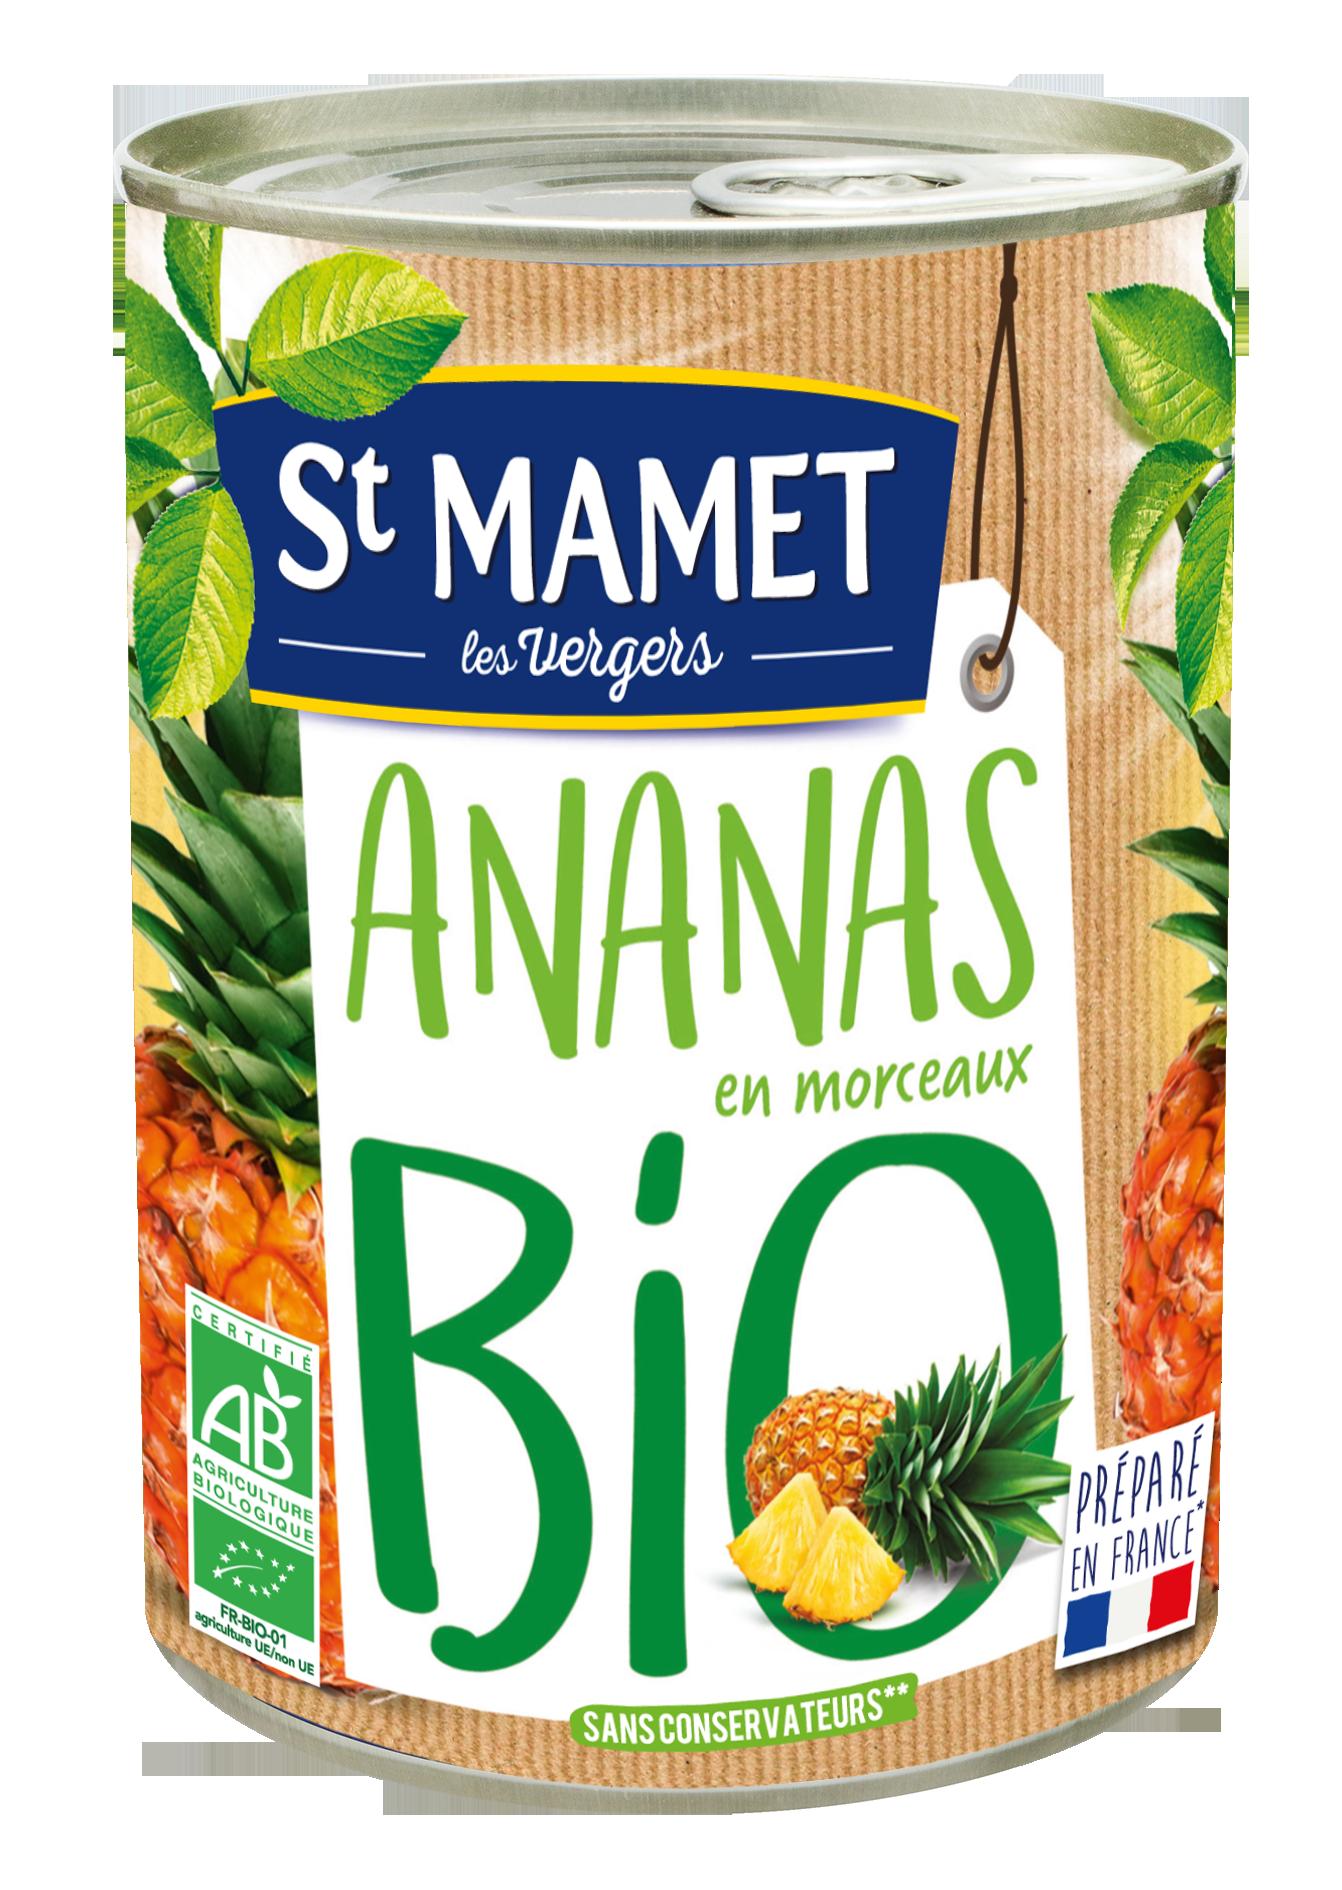 Ananas BIO, St Mamet (245 g)